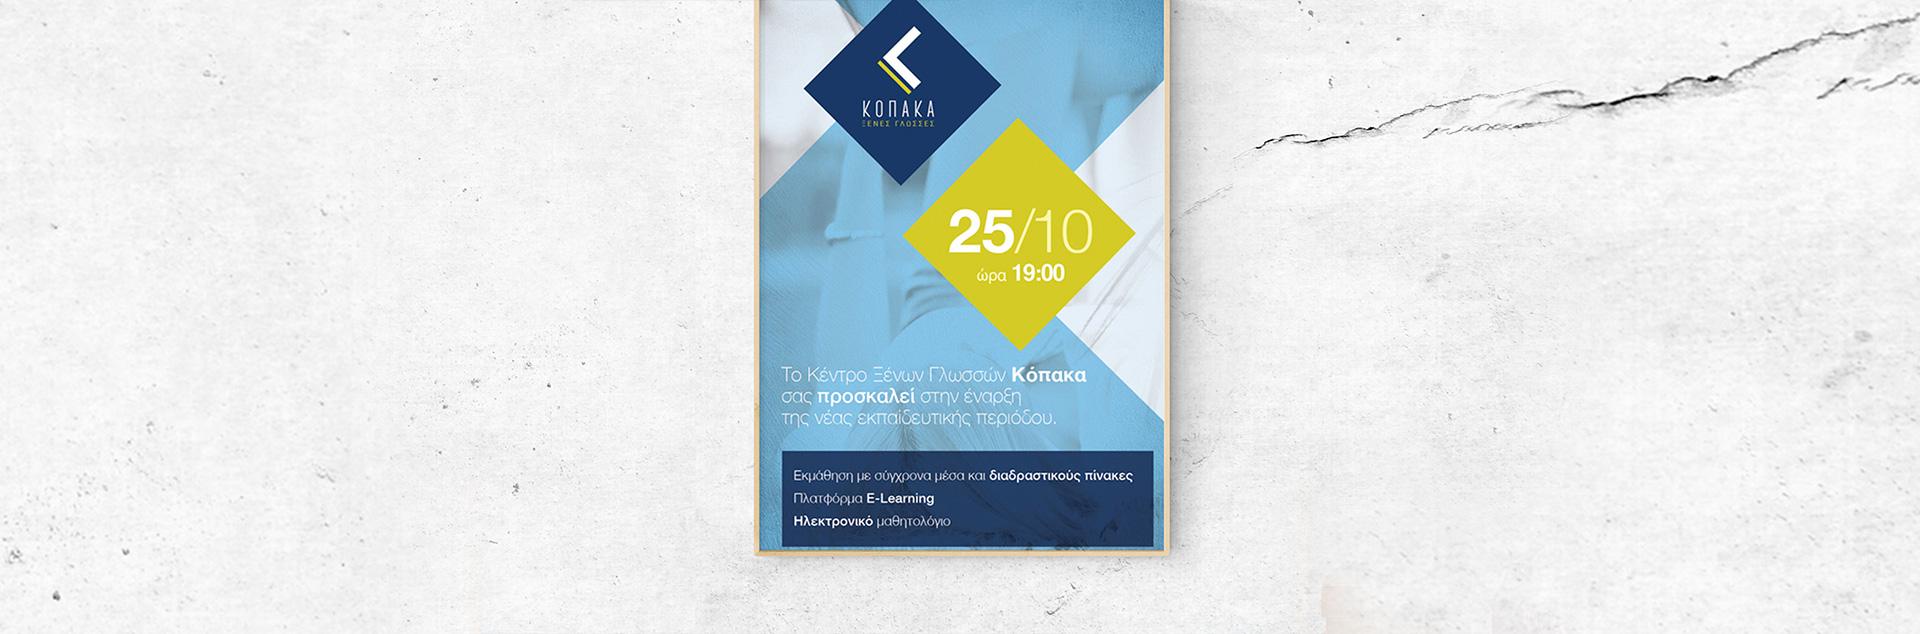 Kopaka promotional material - Poster